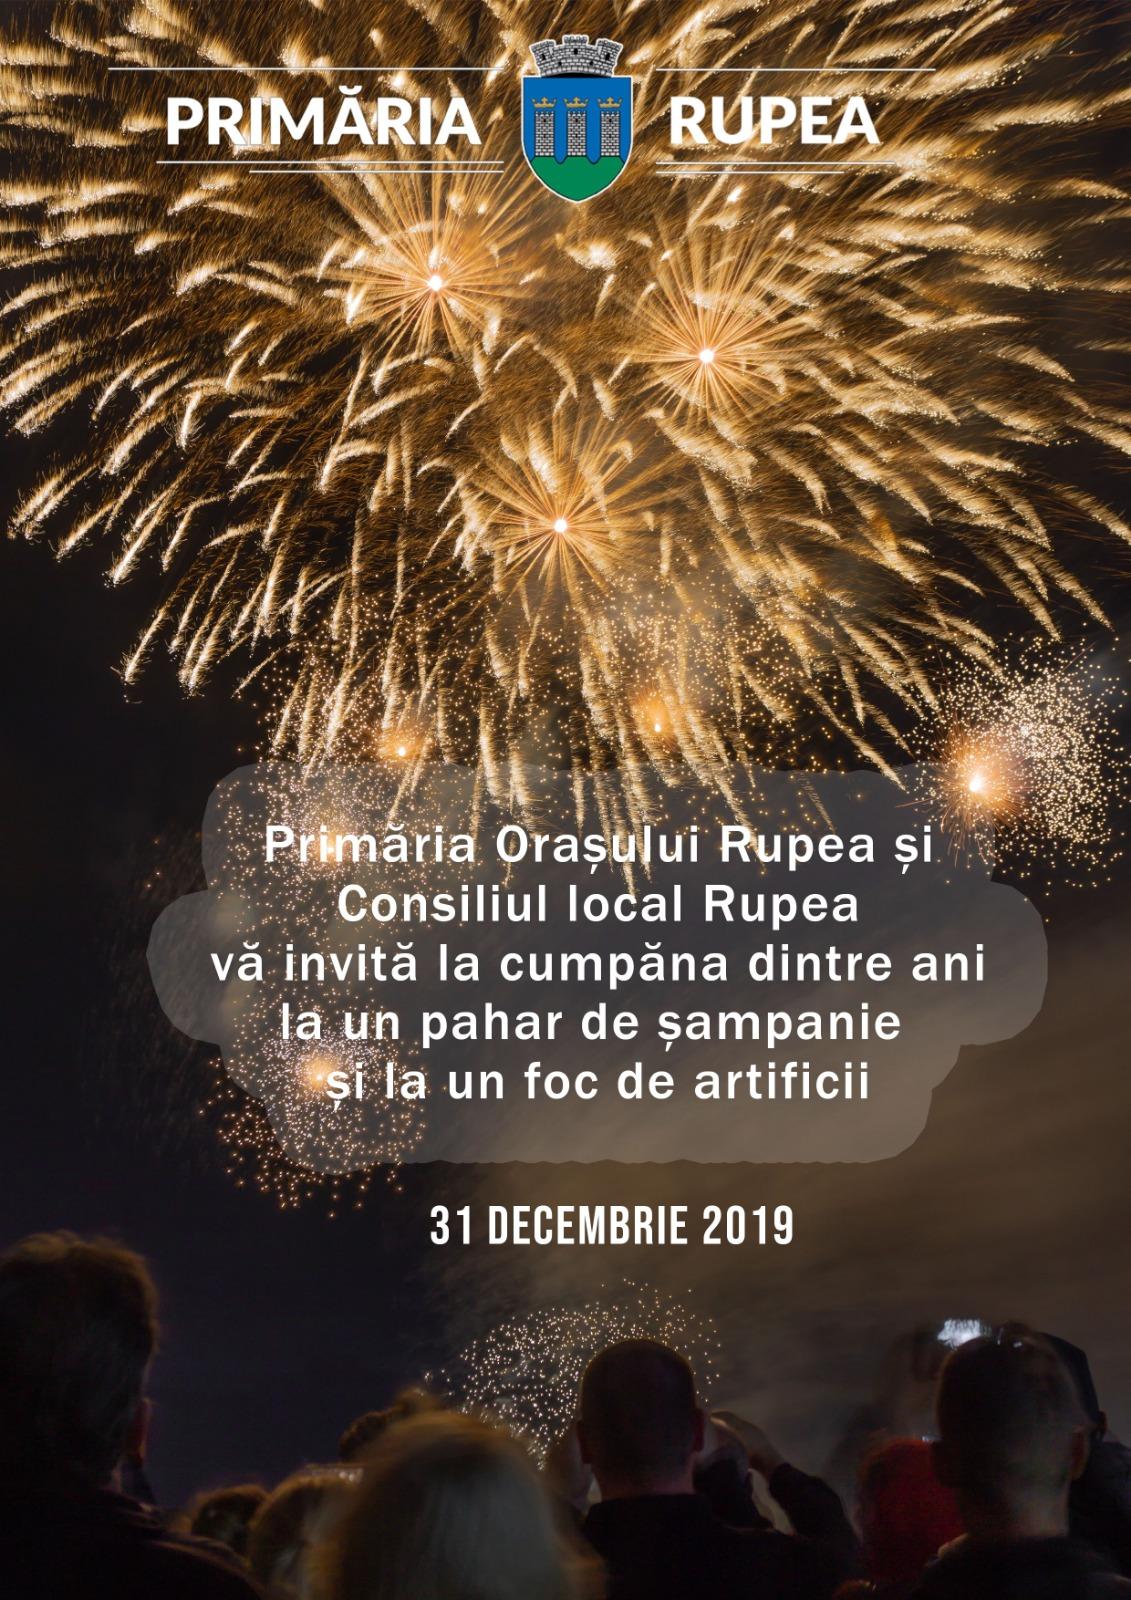 Invitatie revelion 2020